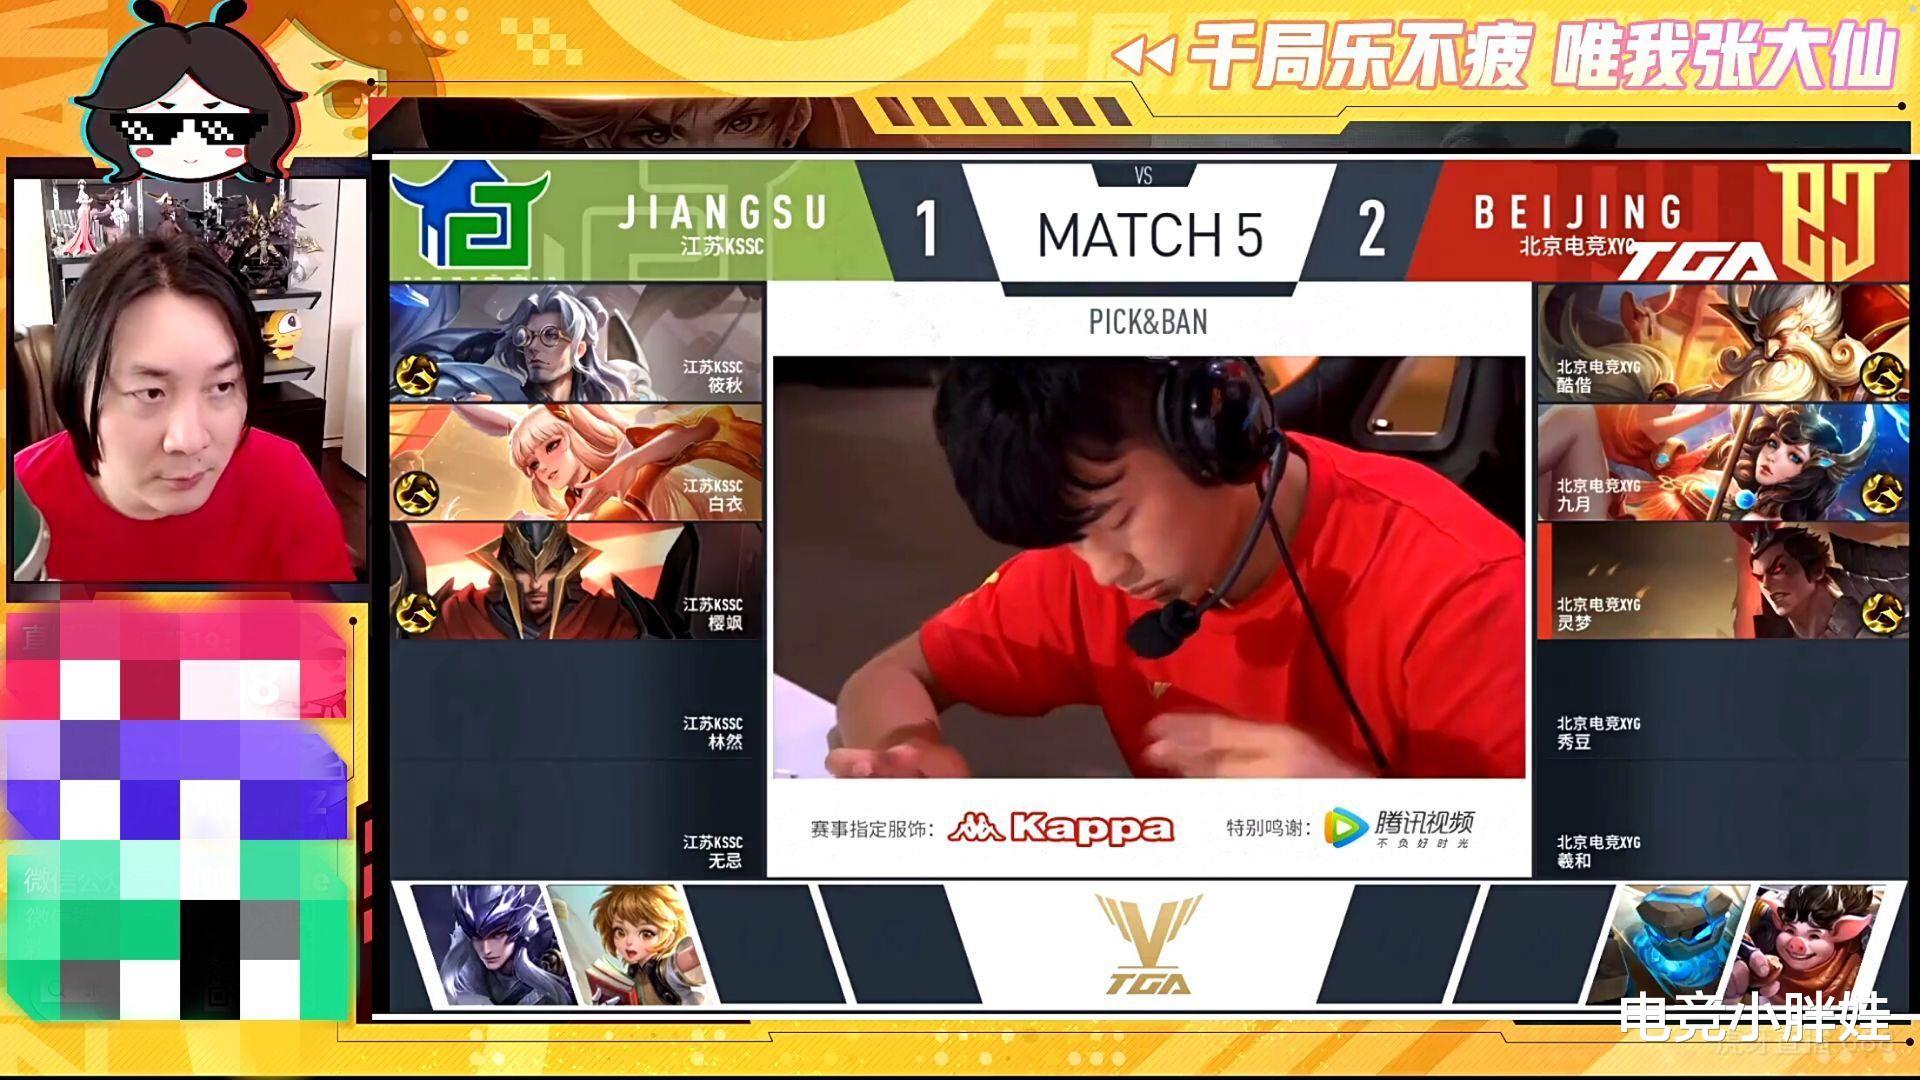 張大仙XYG戰隊獲得冠軍,解說比賽時要教秀豆玩射手,仙友:你是認真的麼-圖3